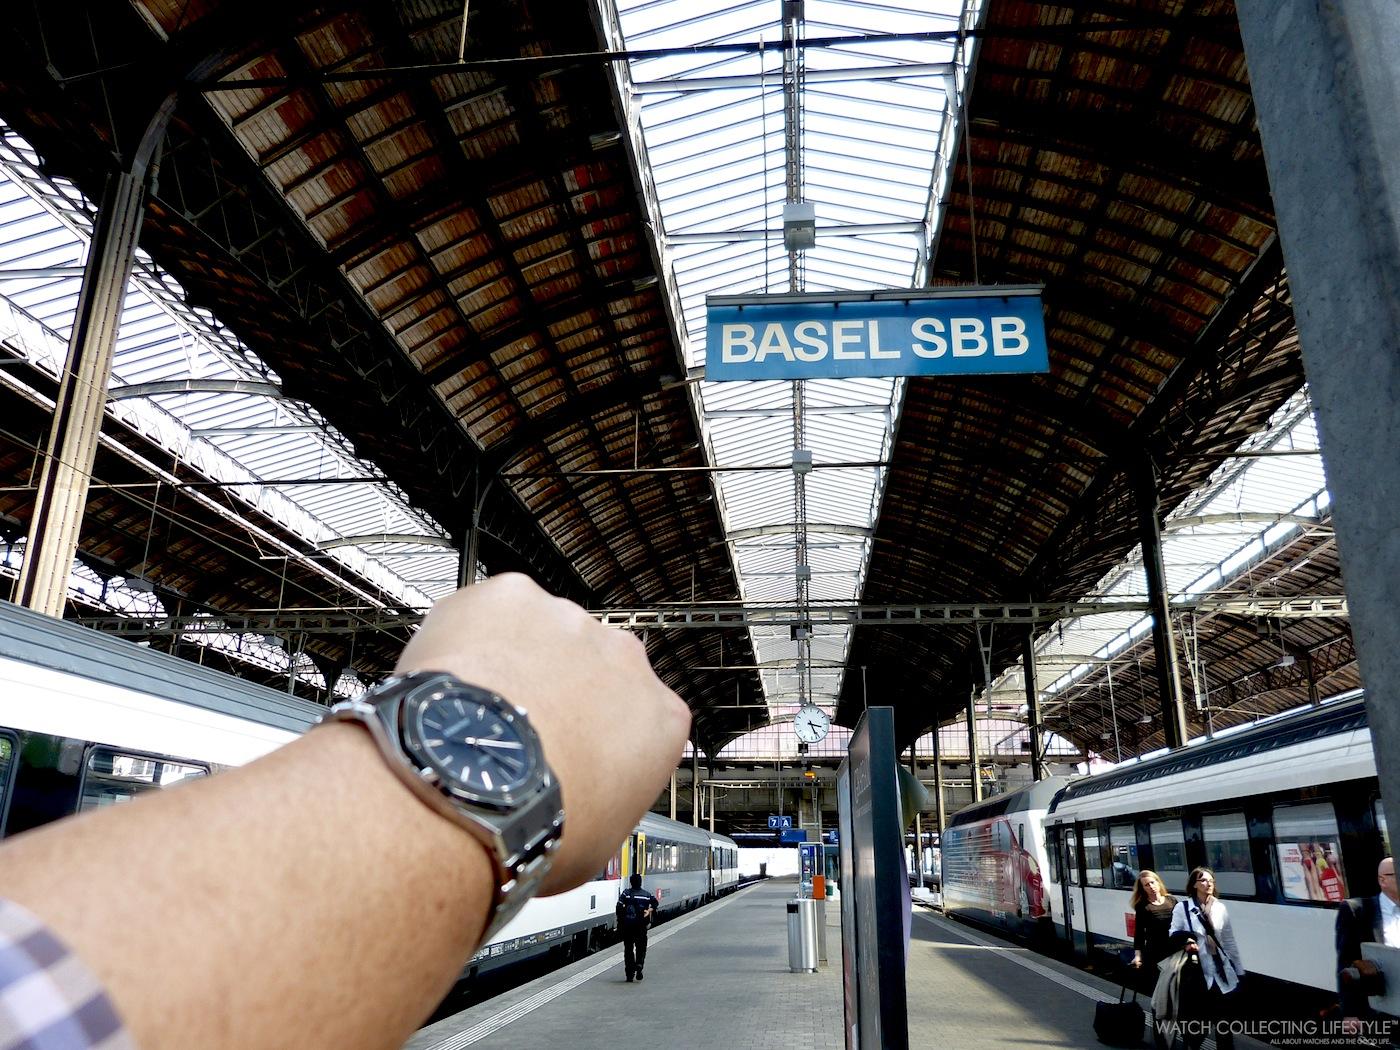 We have arrived at Basel's train station.